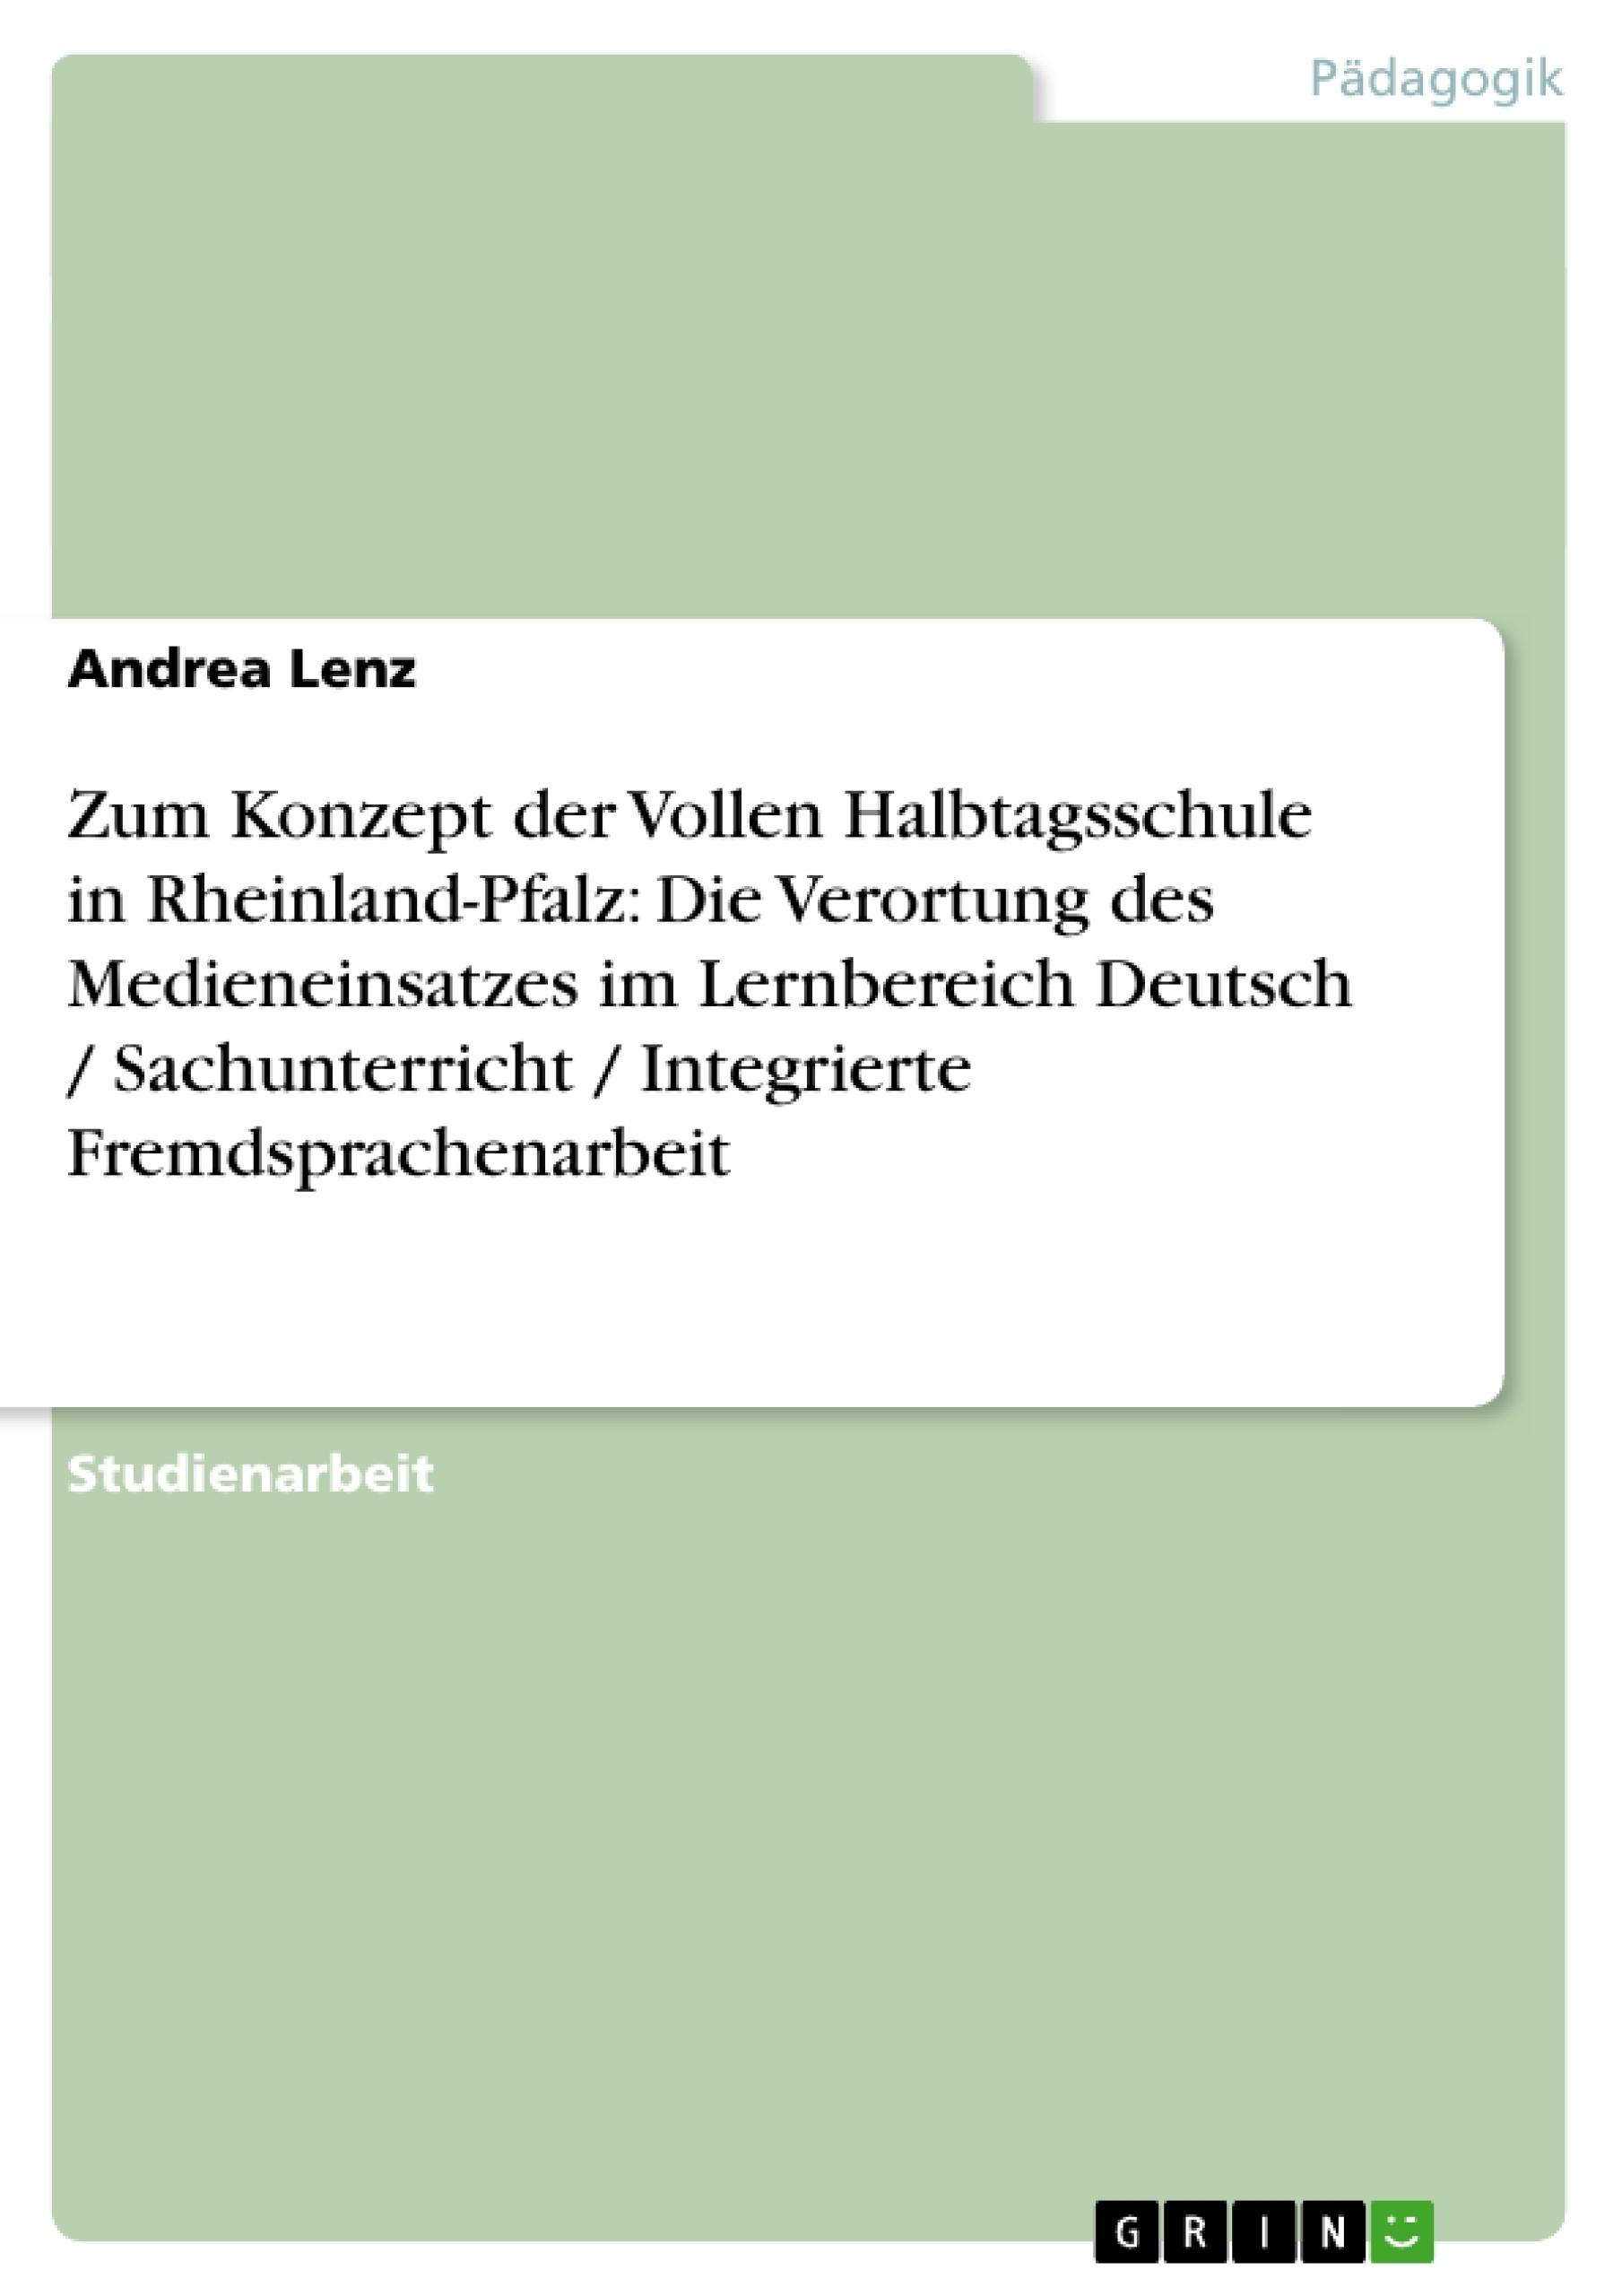 Titel: Zum Konzept der Vollen Halbtagsschule in Rheinland-Pfalz: Die Verortung des Medieneinsatzes im Lernbereich Deutsch / Sachunterricht / Integrierte Fremdsprachenarbeit